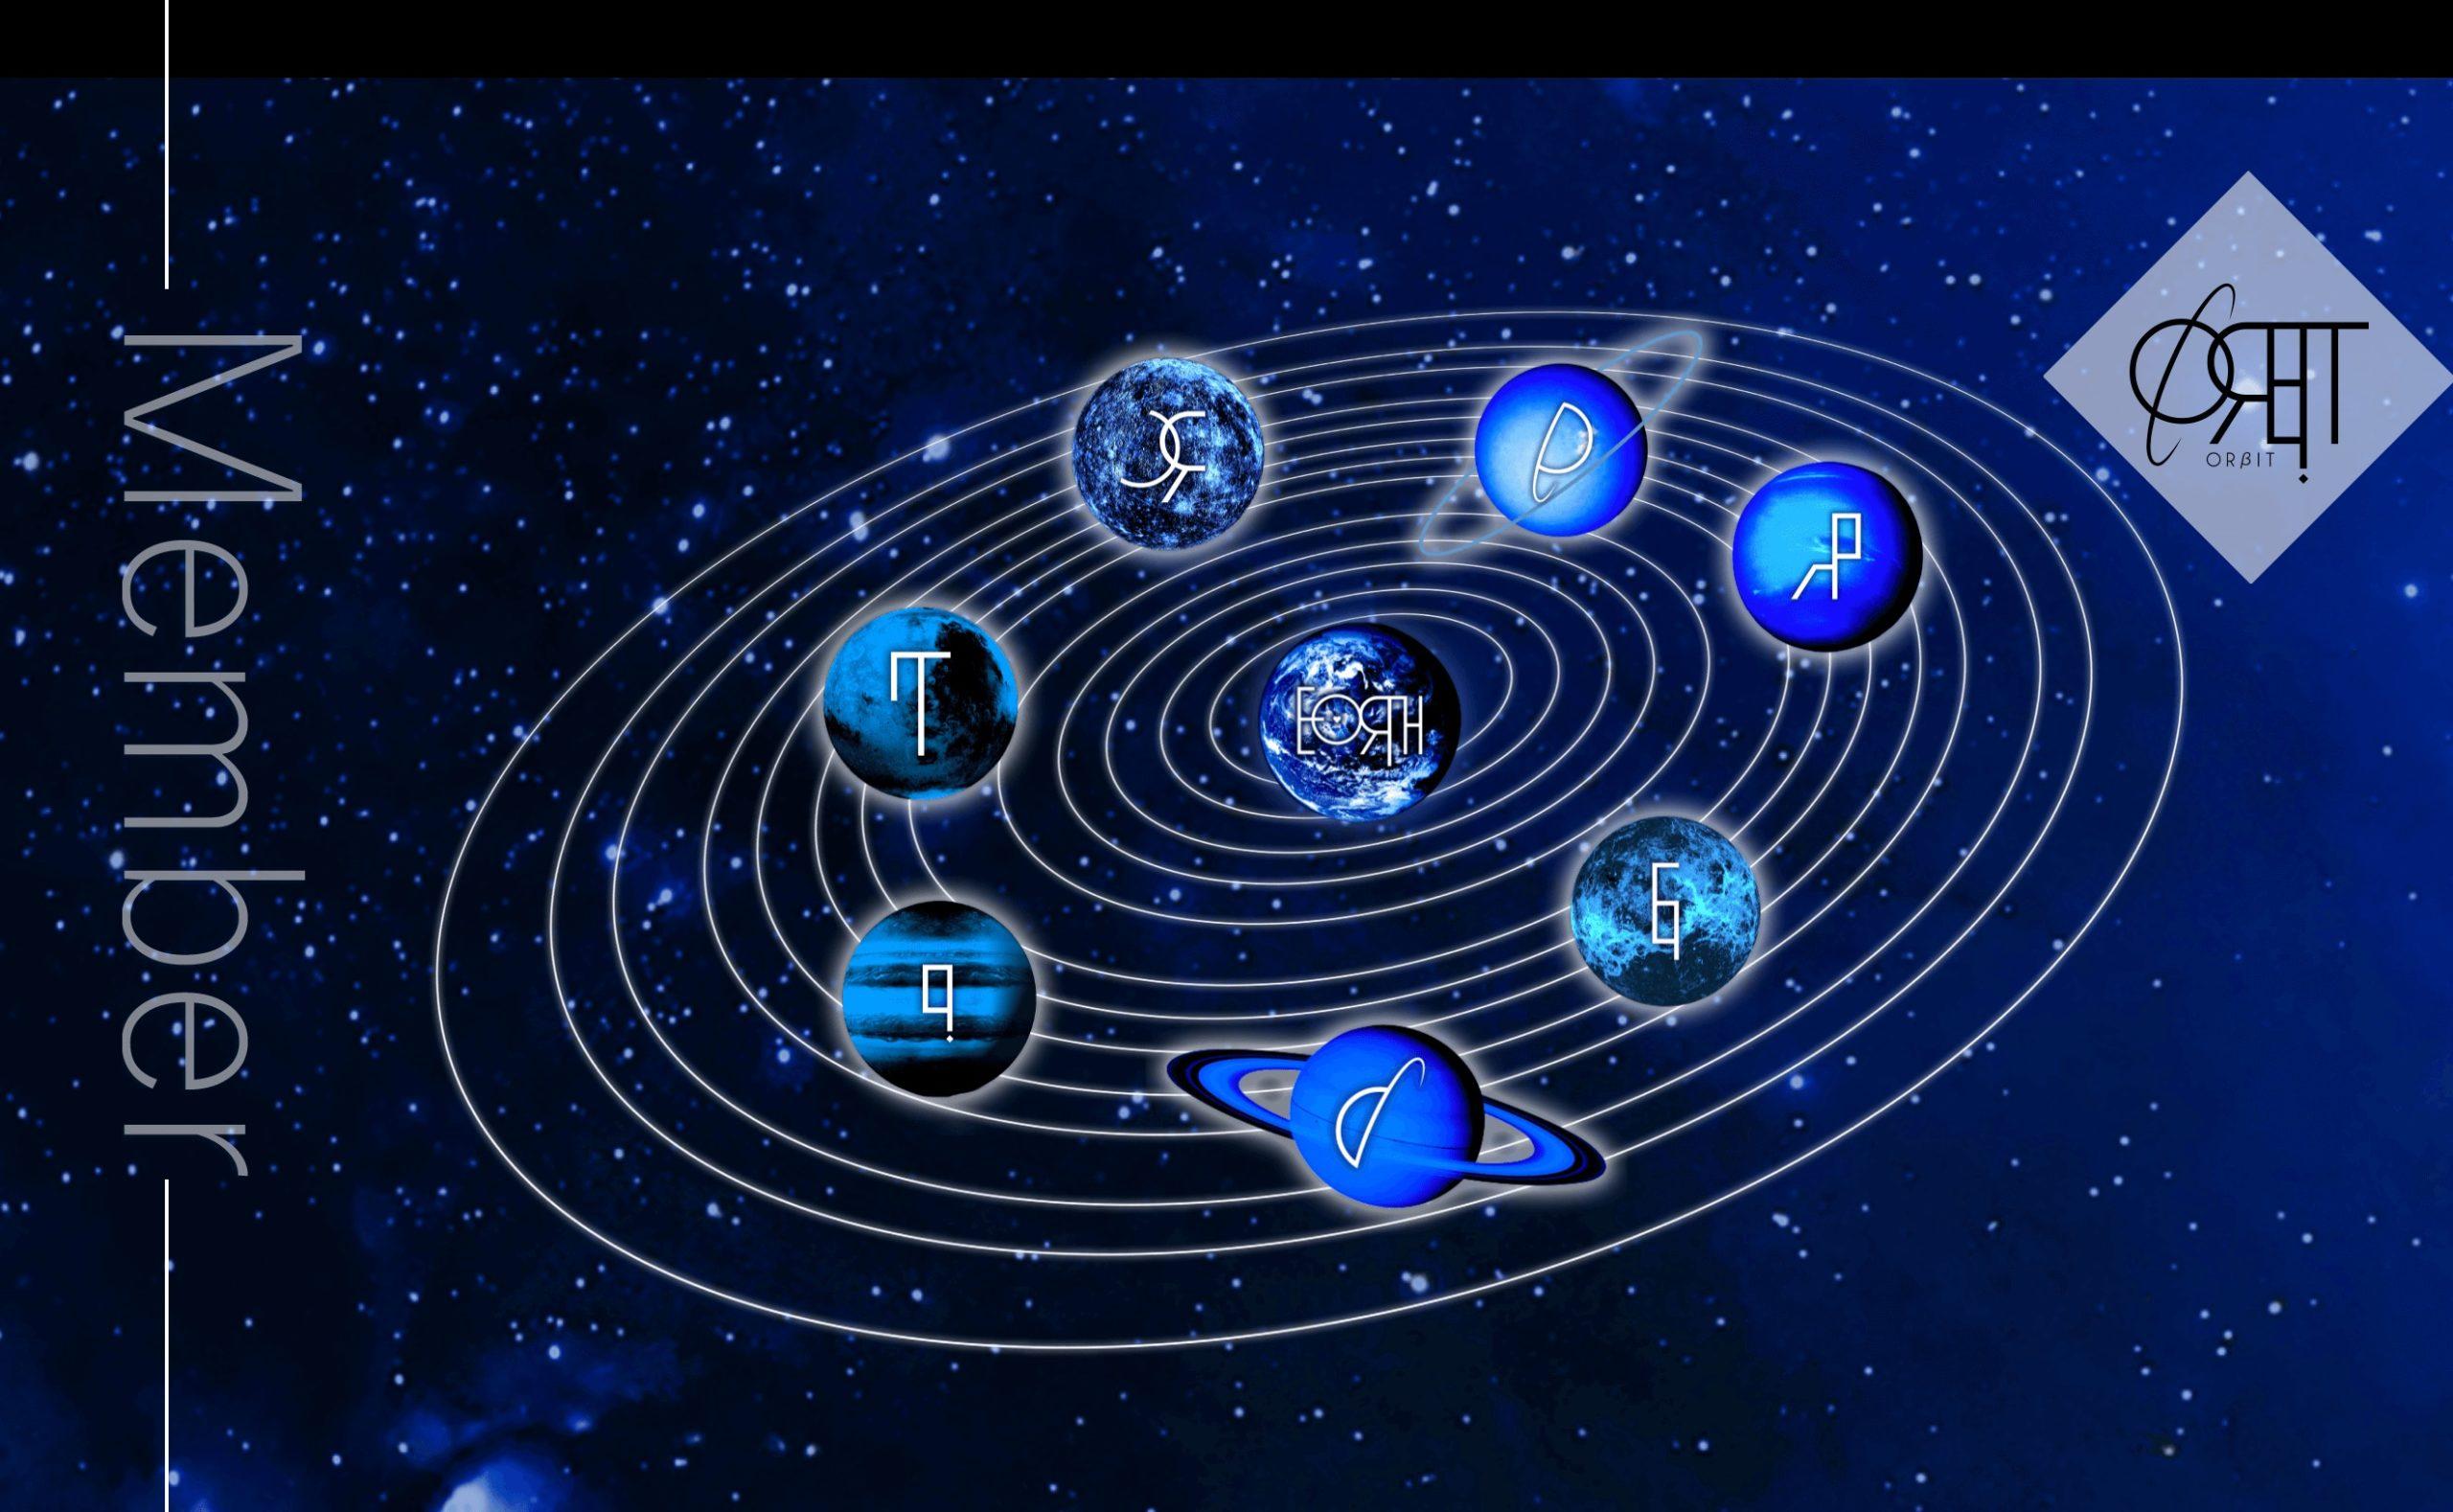 orbit3